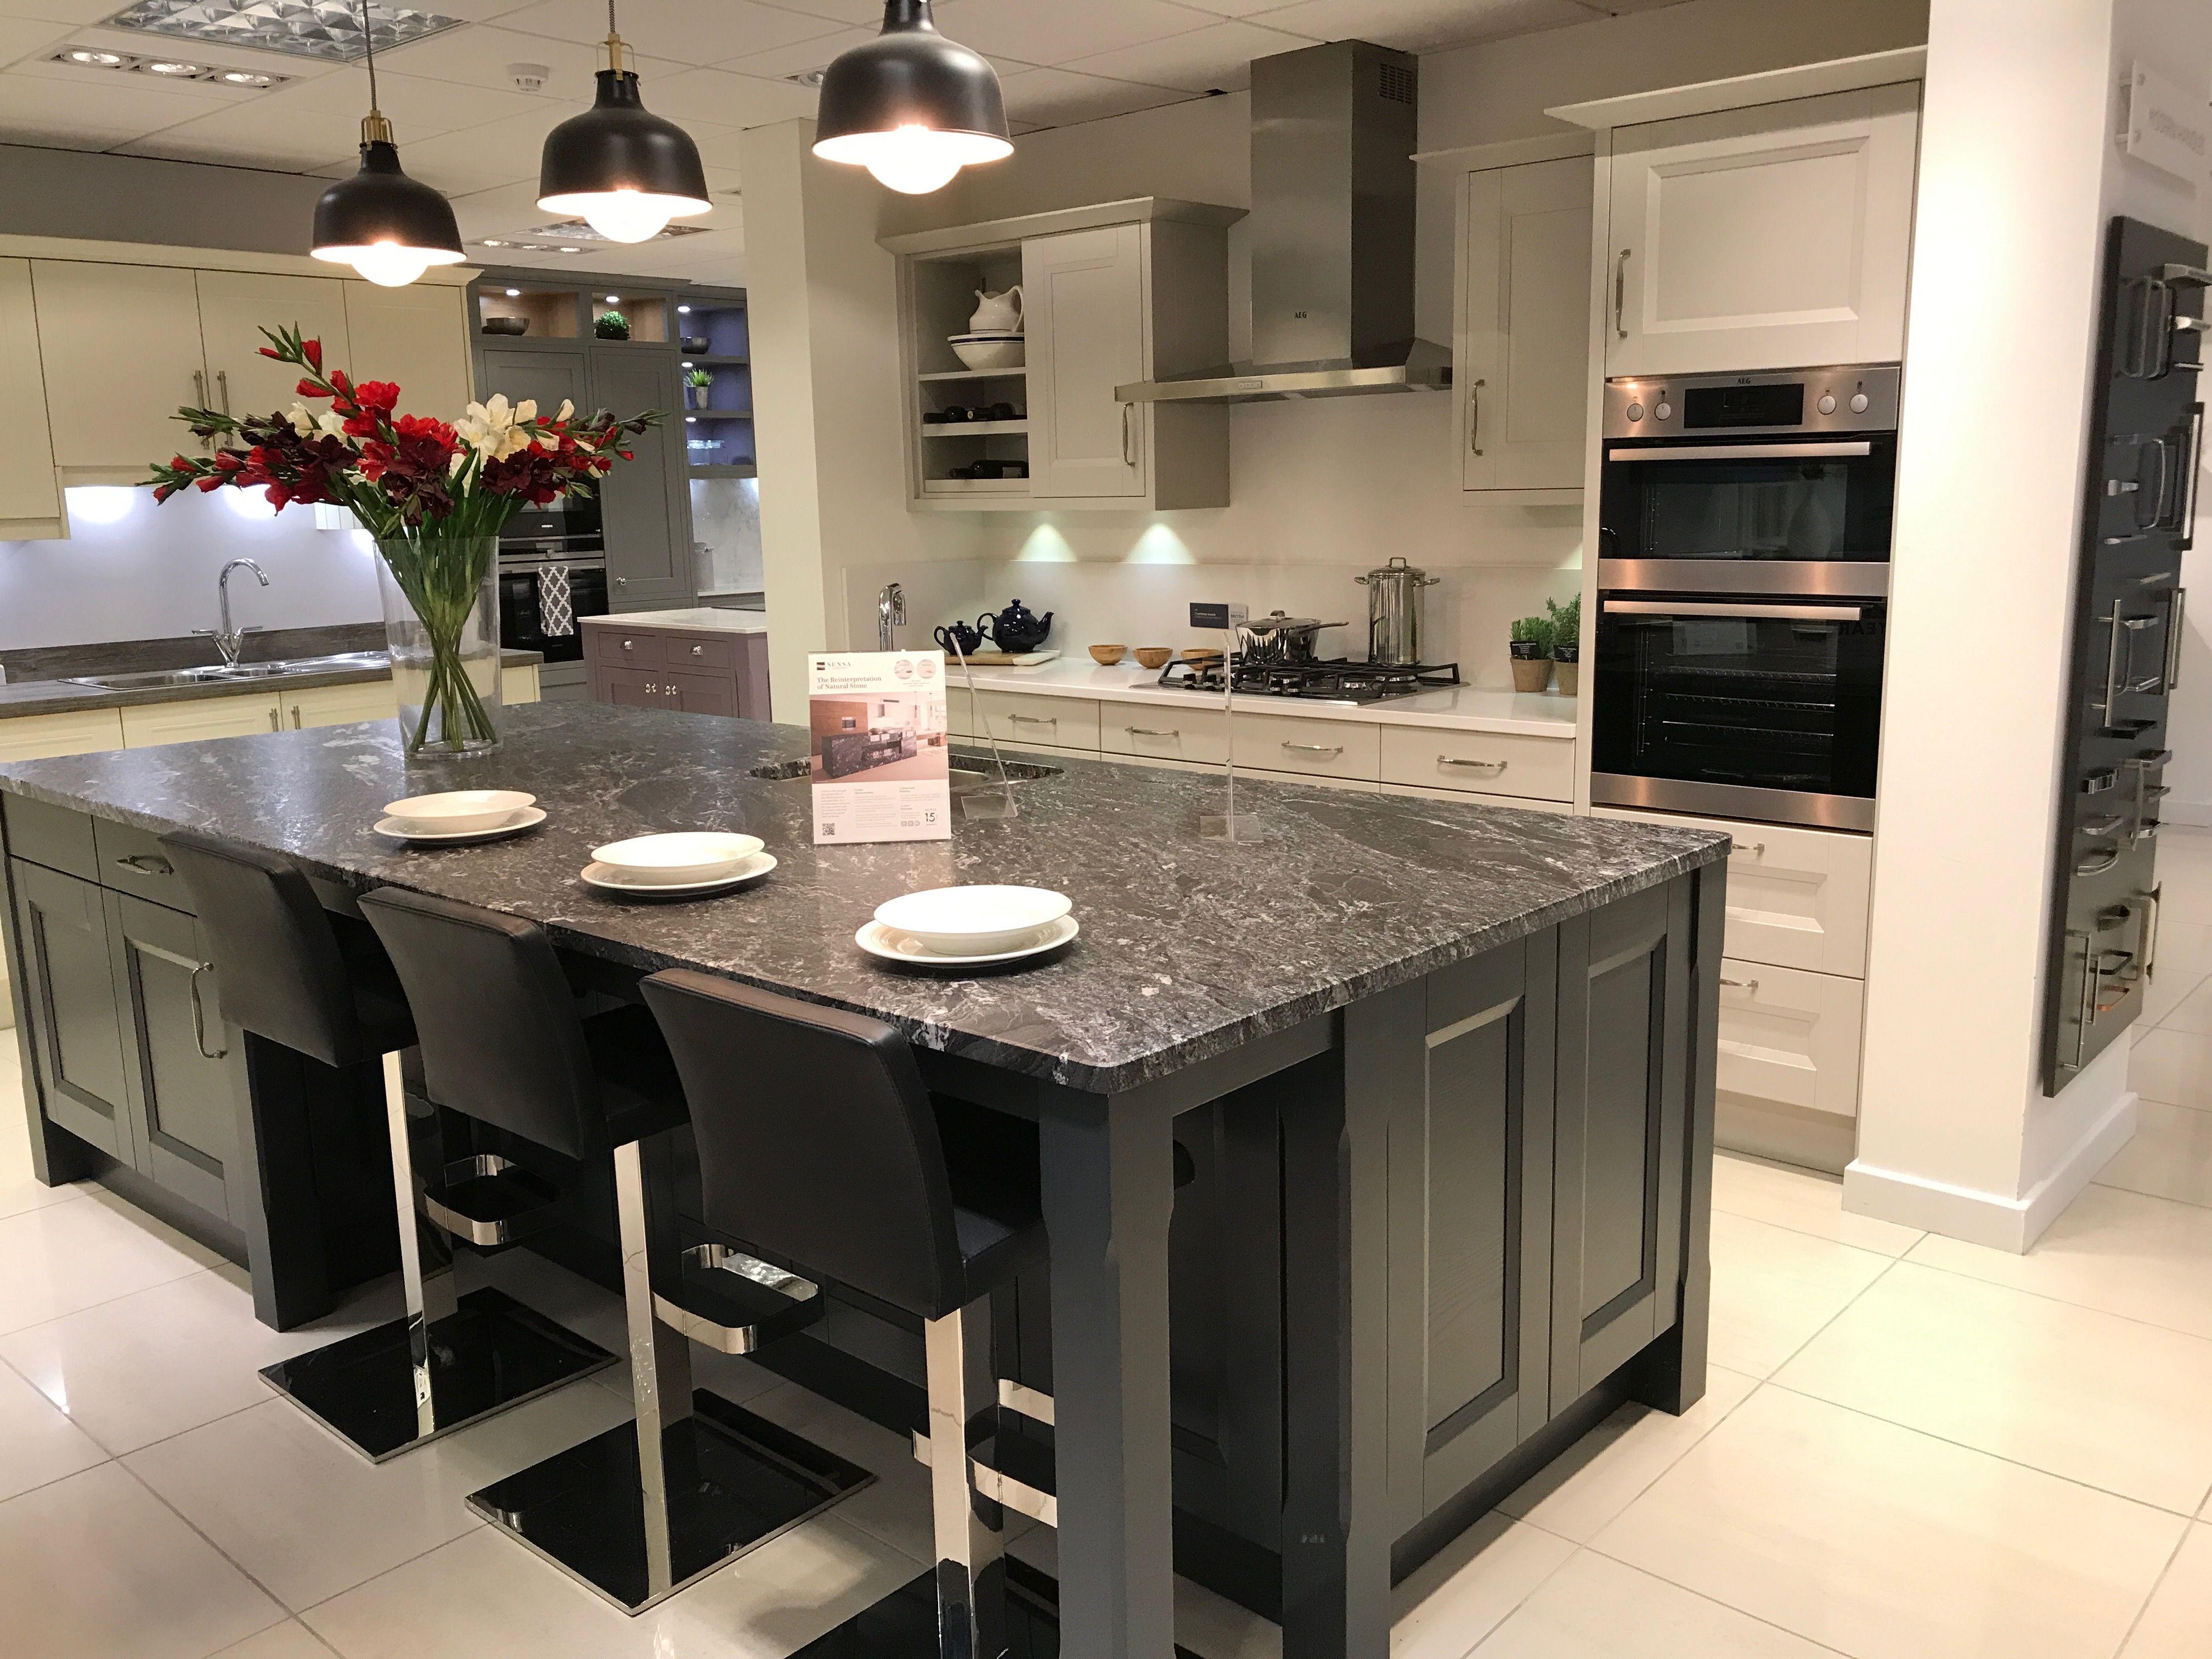 Omega Kitchens UK Thorne nr Doncaster Uk kitchen